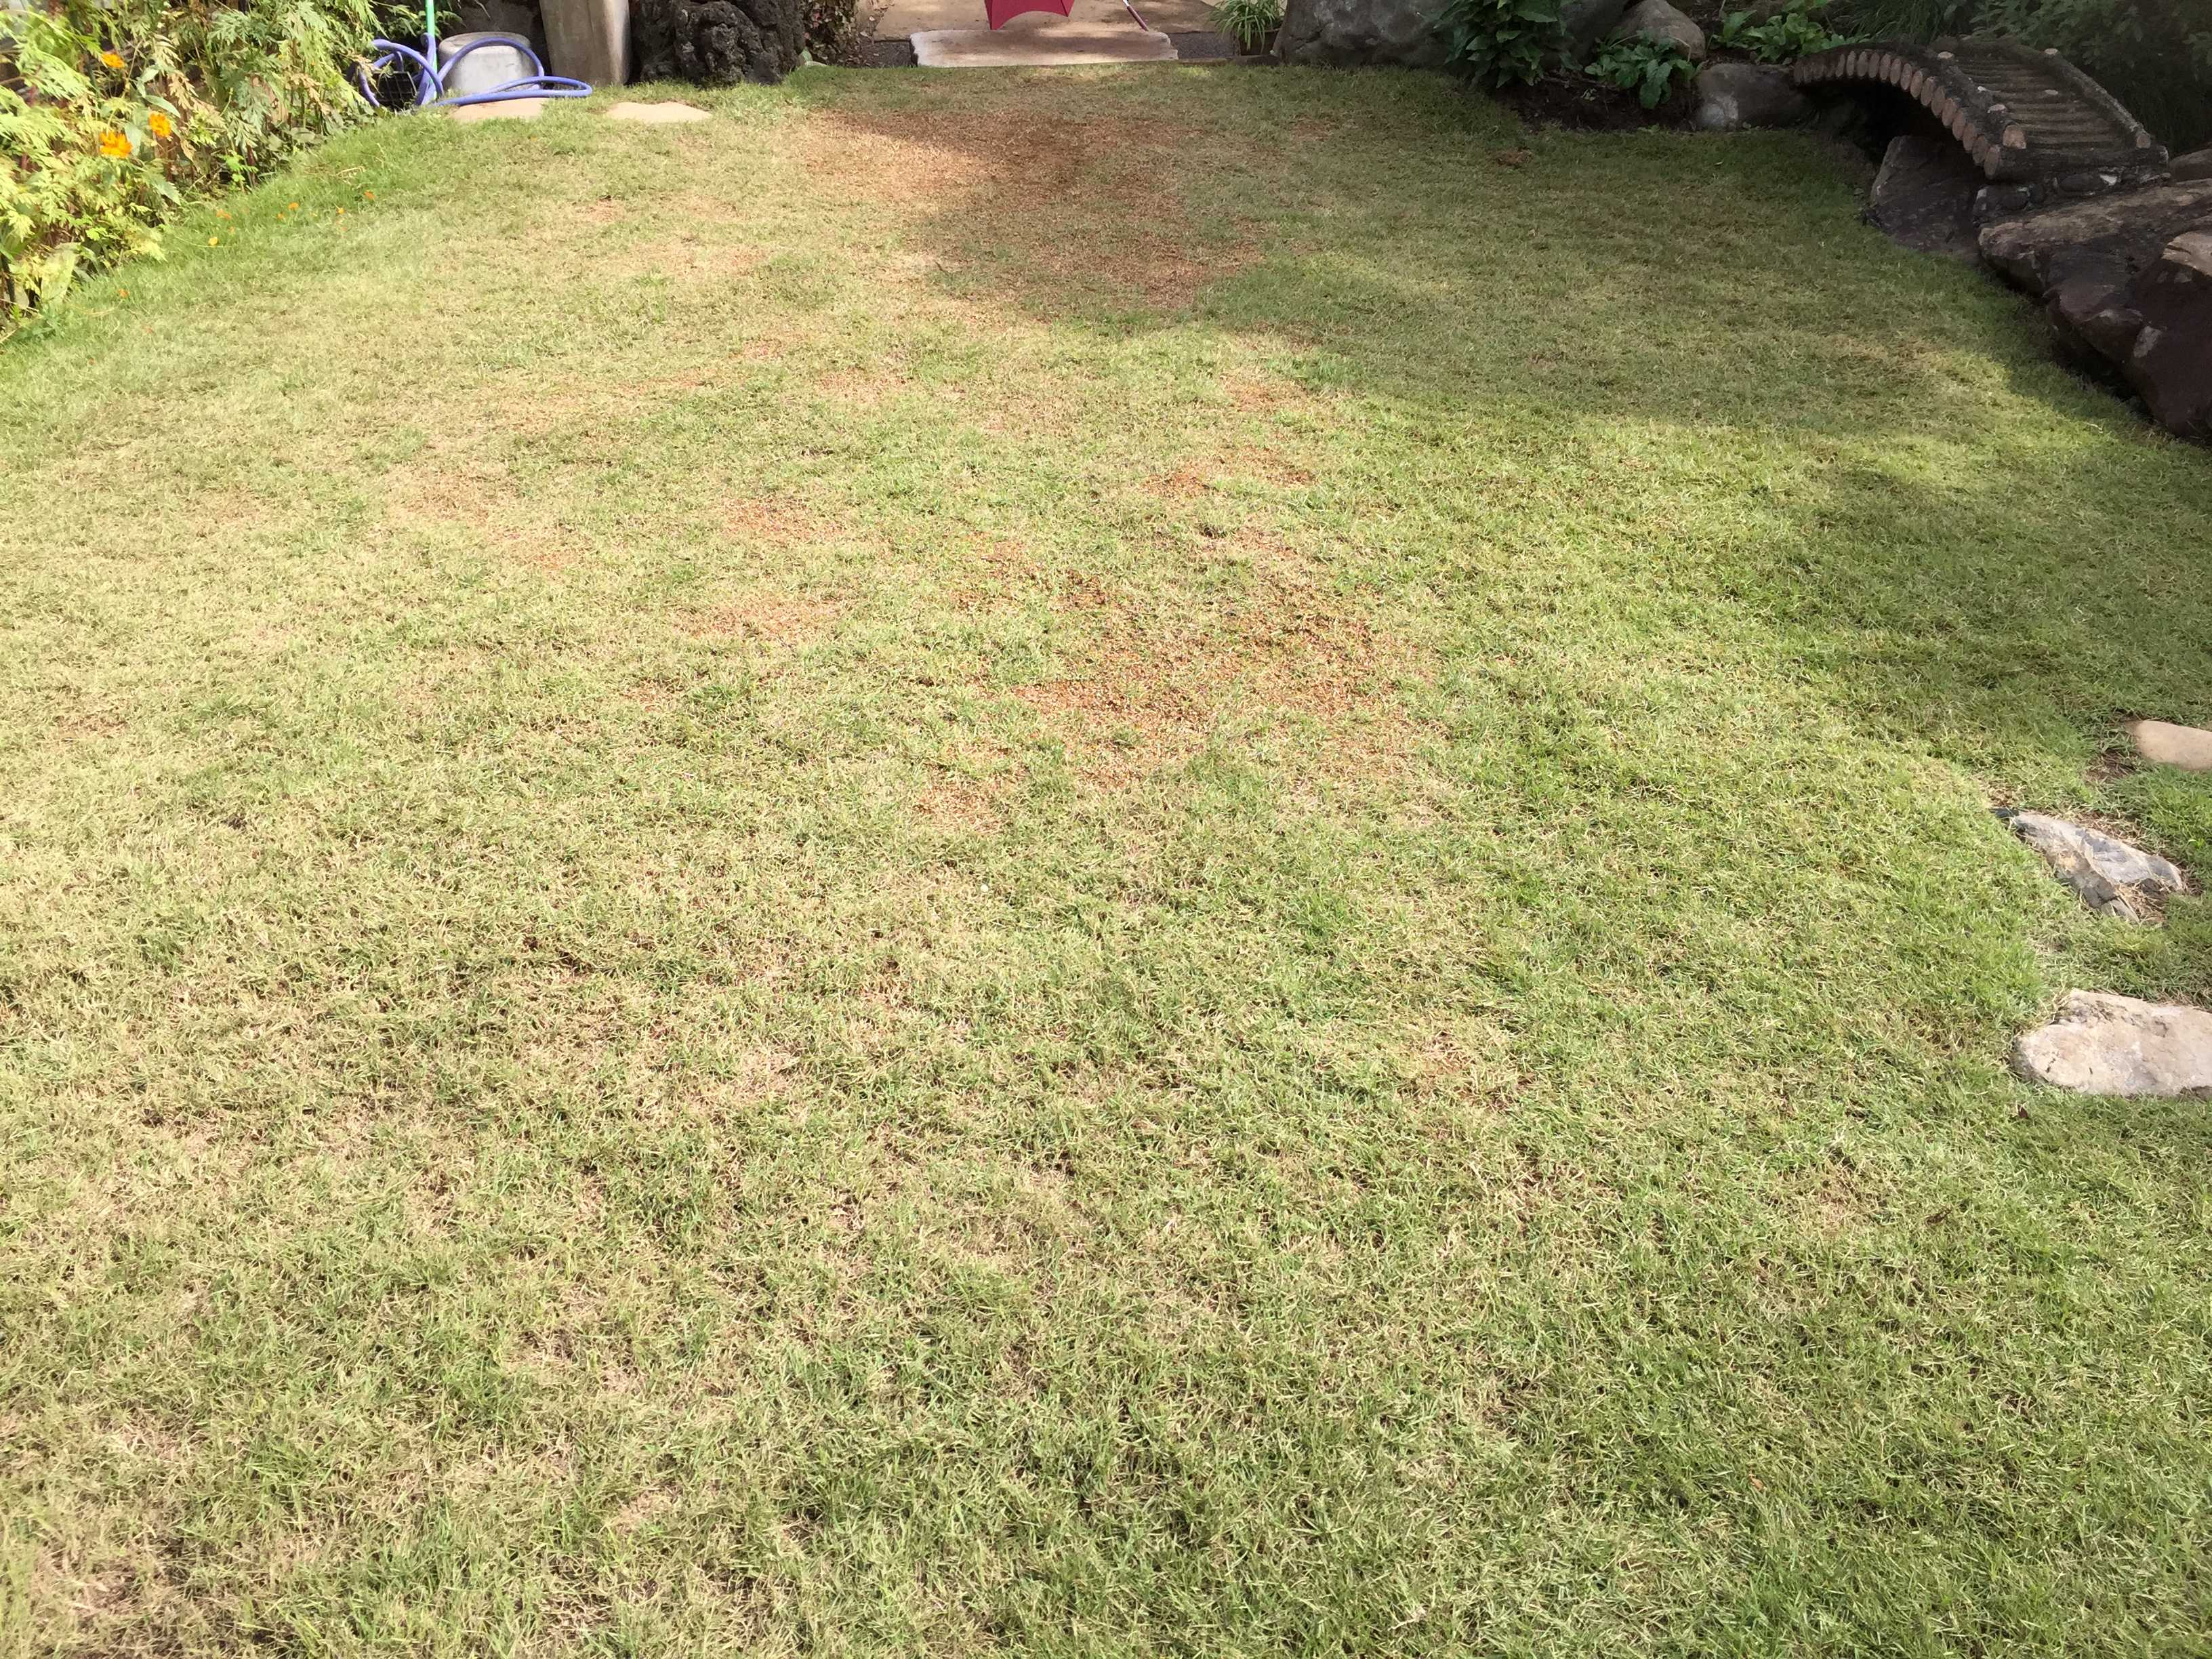 植え付け 4ヶ月。茶色くなった芝生・TM9(ティーエムナイン)